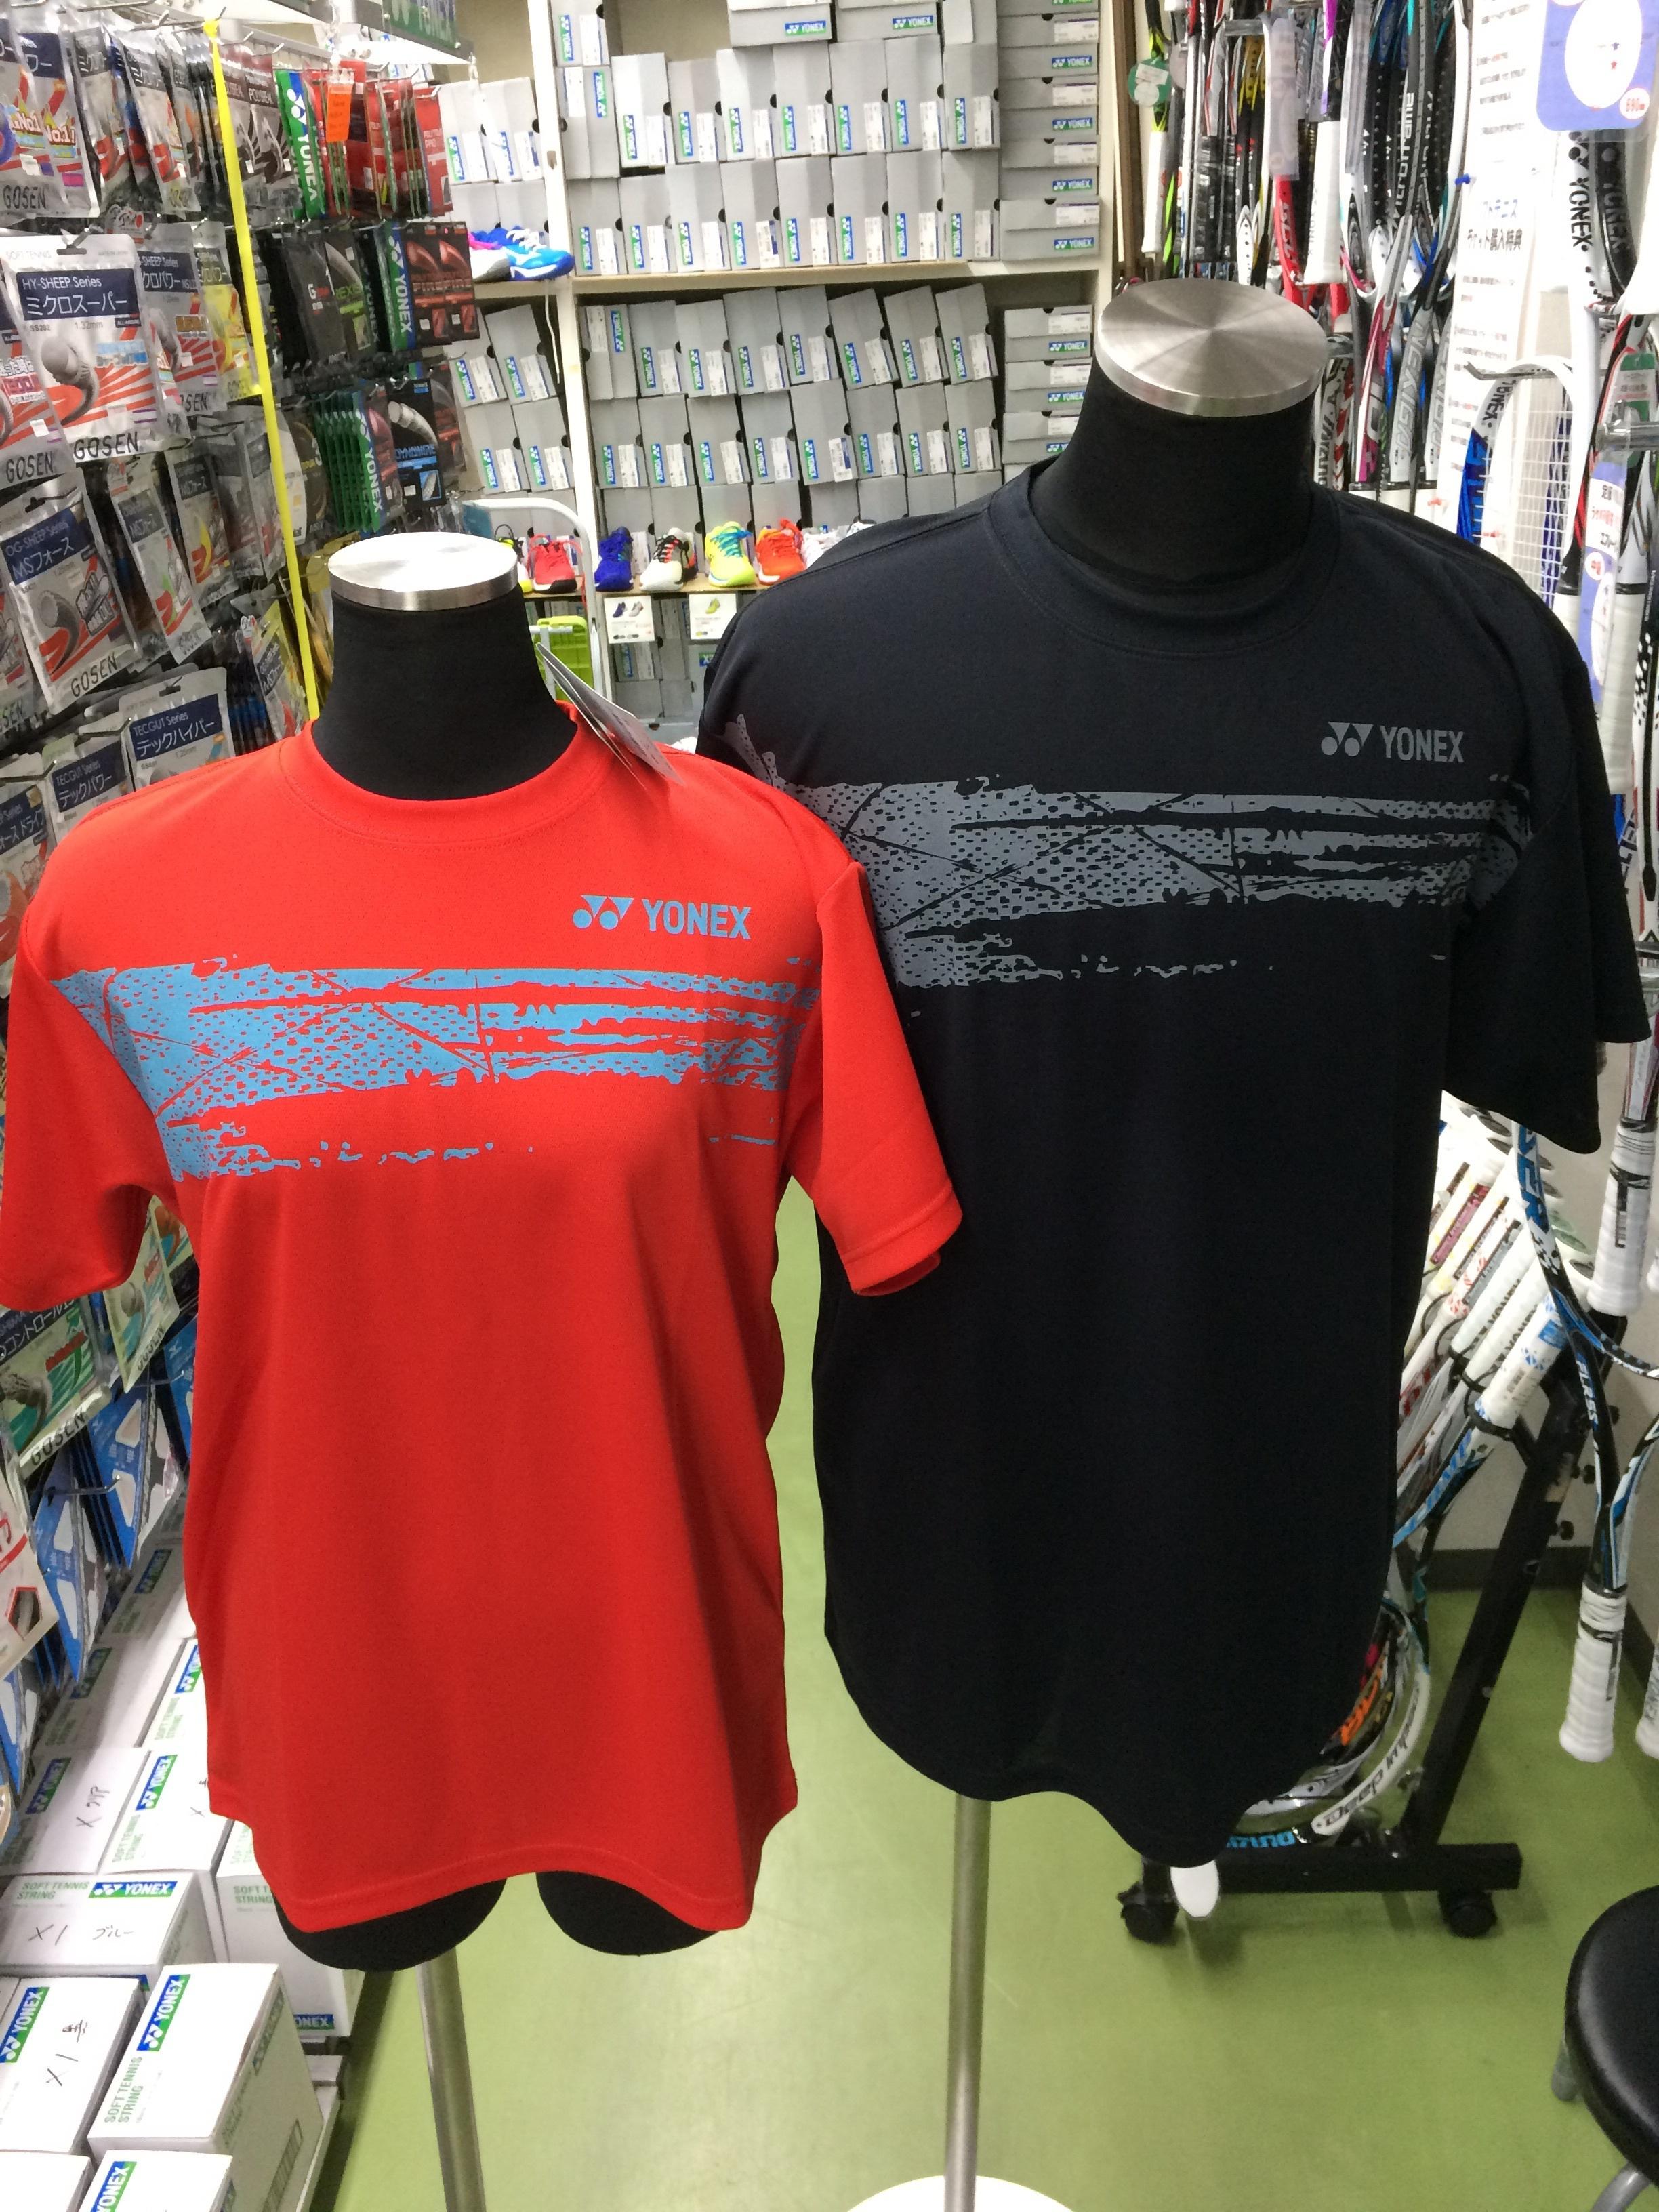 ヨネックス ユニドライTシャツ YOB17011 - 画像1